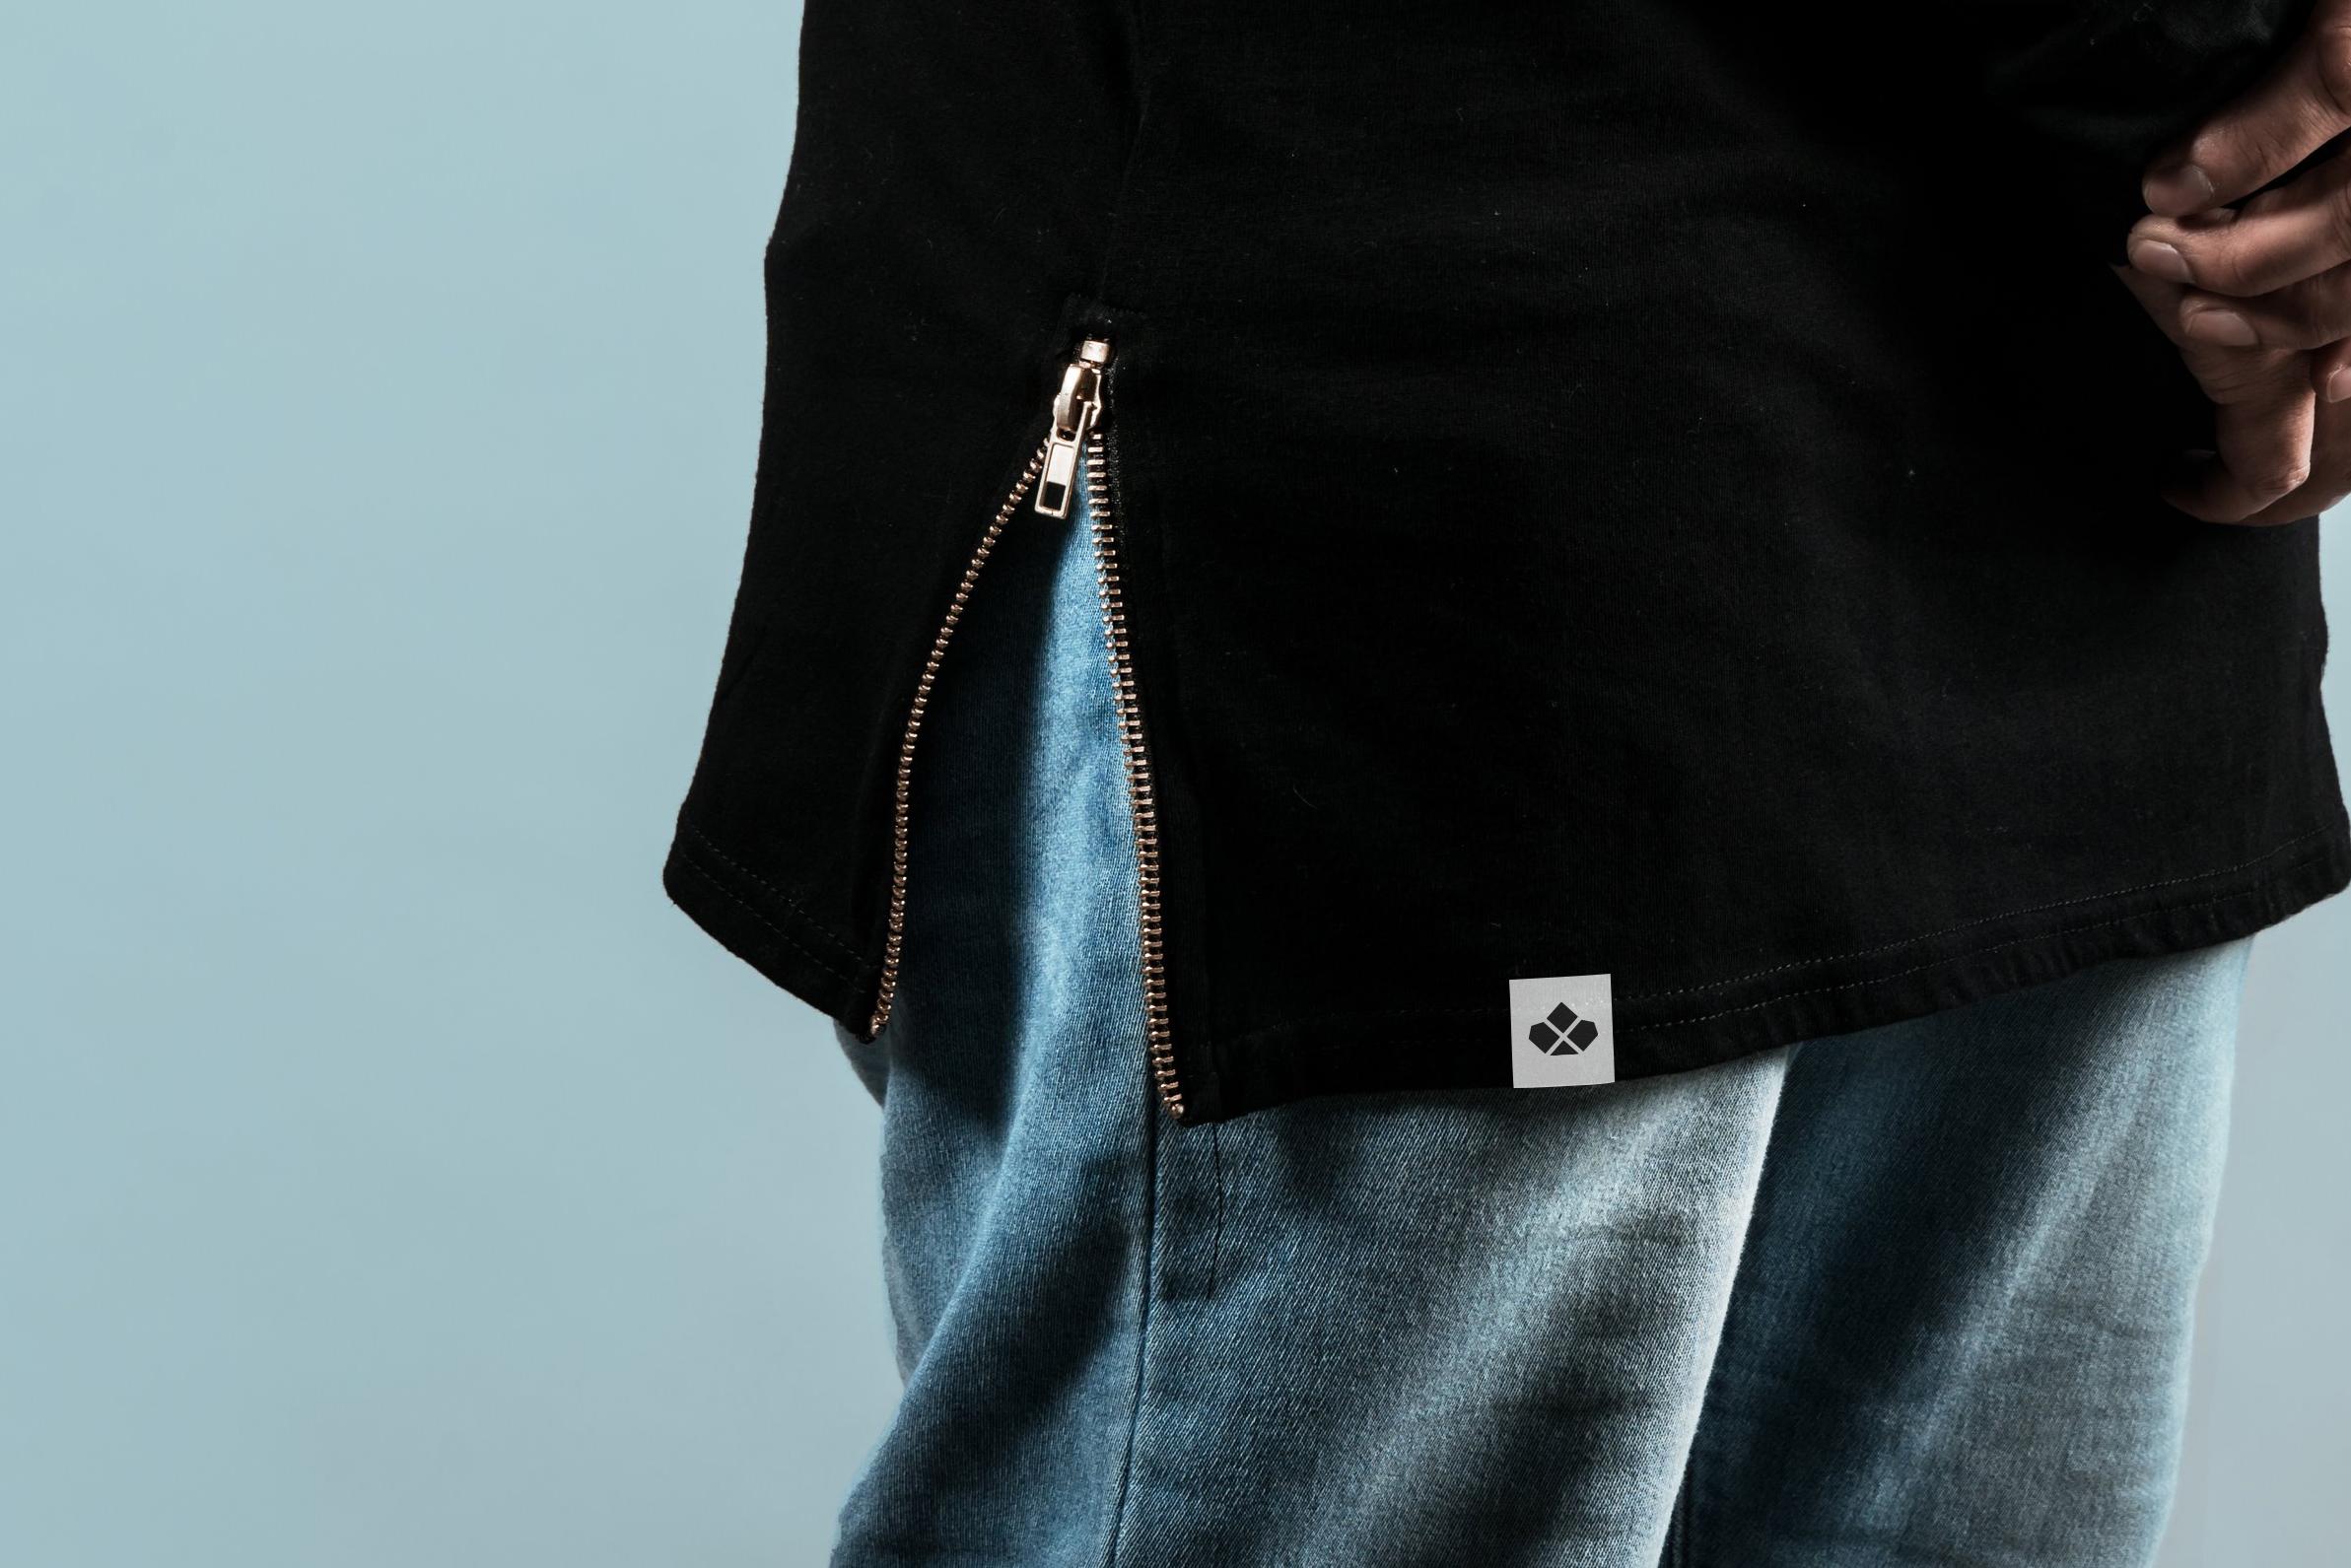 sewn-tag-mockup